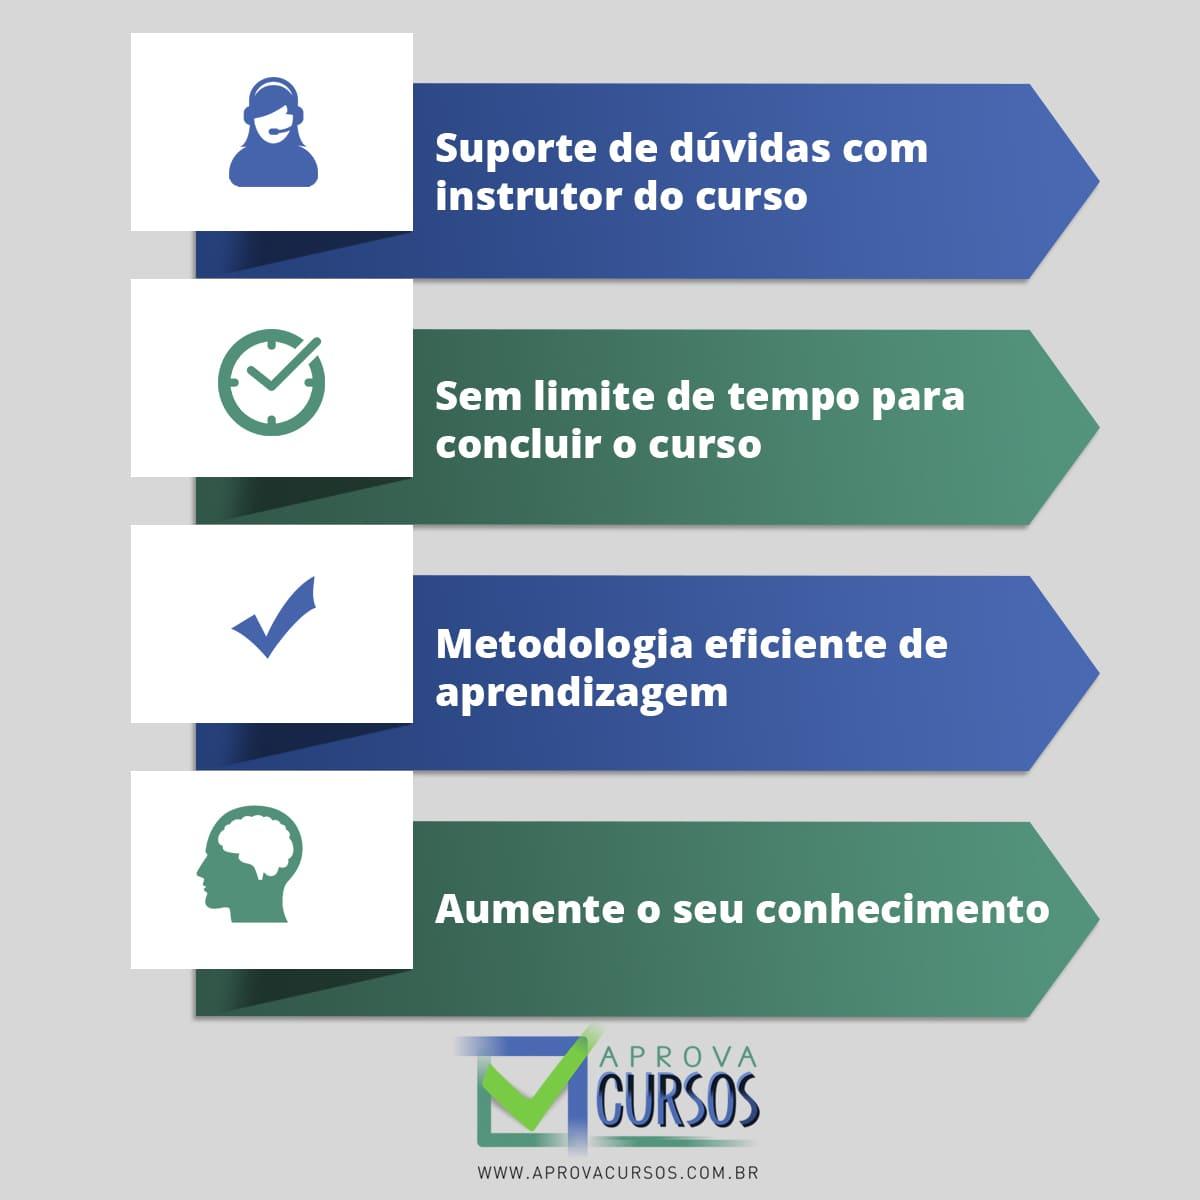 Curso Online de Rescisão do Contrato de Trabalho com Certificado  - Aprova Cursos